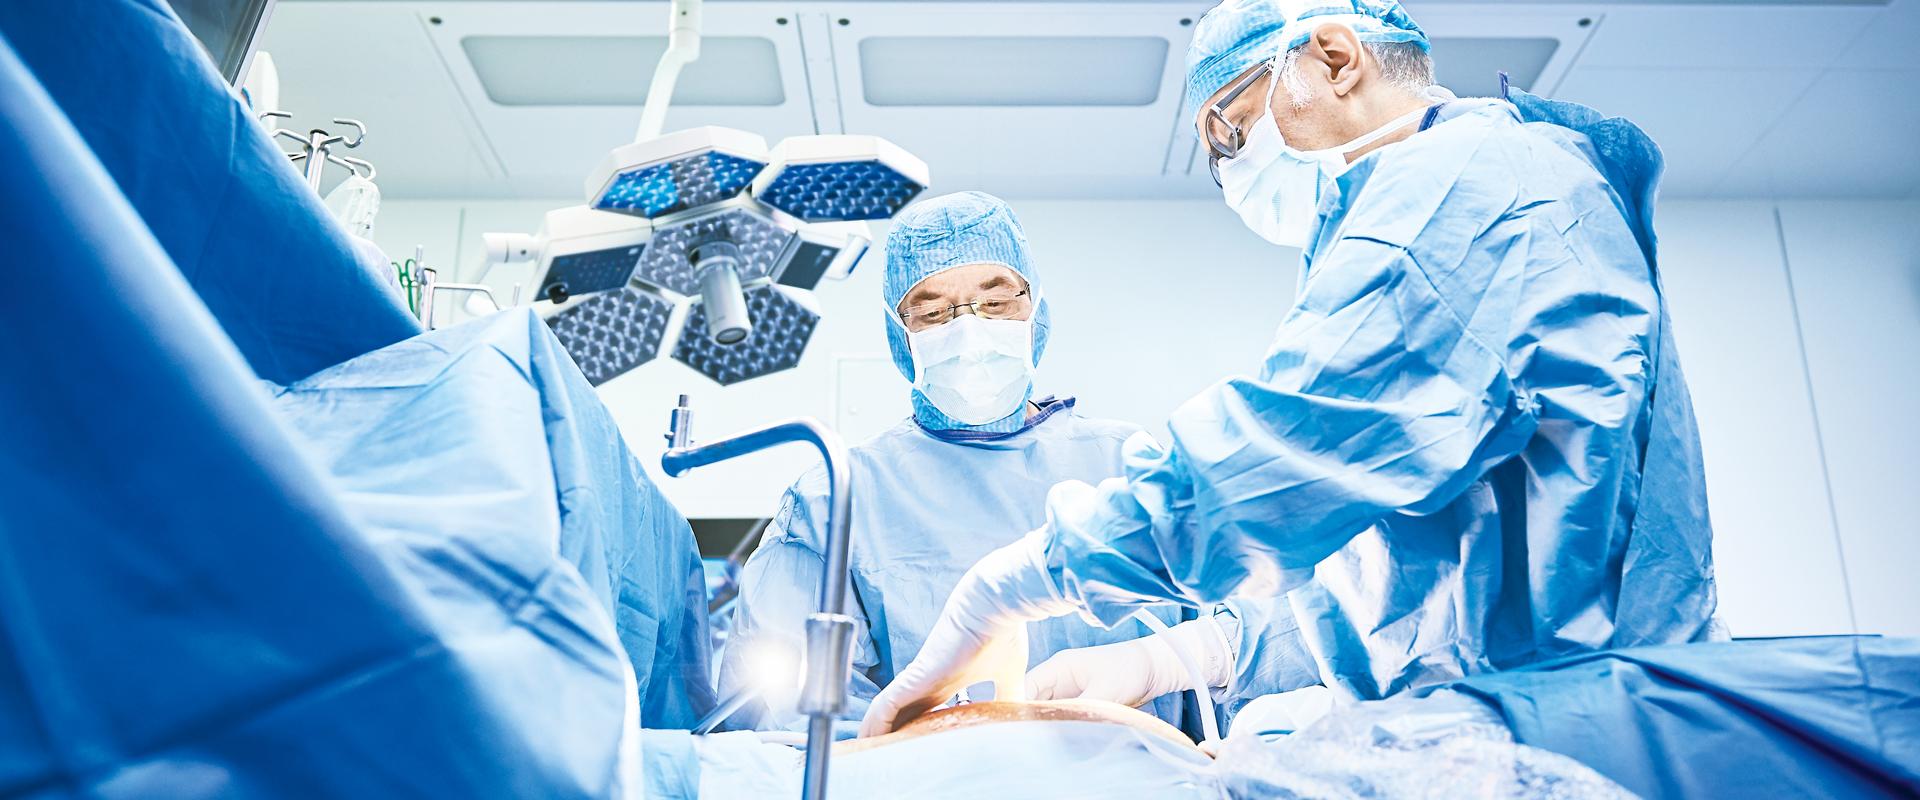 Dr. M. Durband und Dr. B. Wetz bei einer Operation